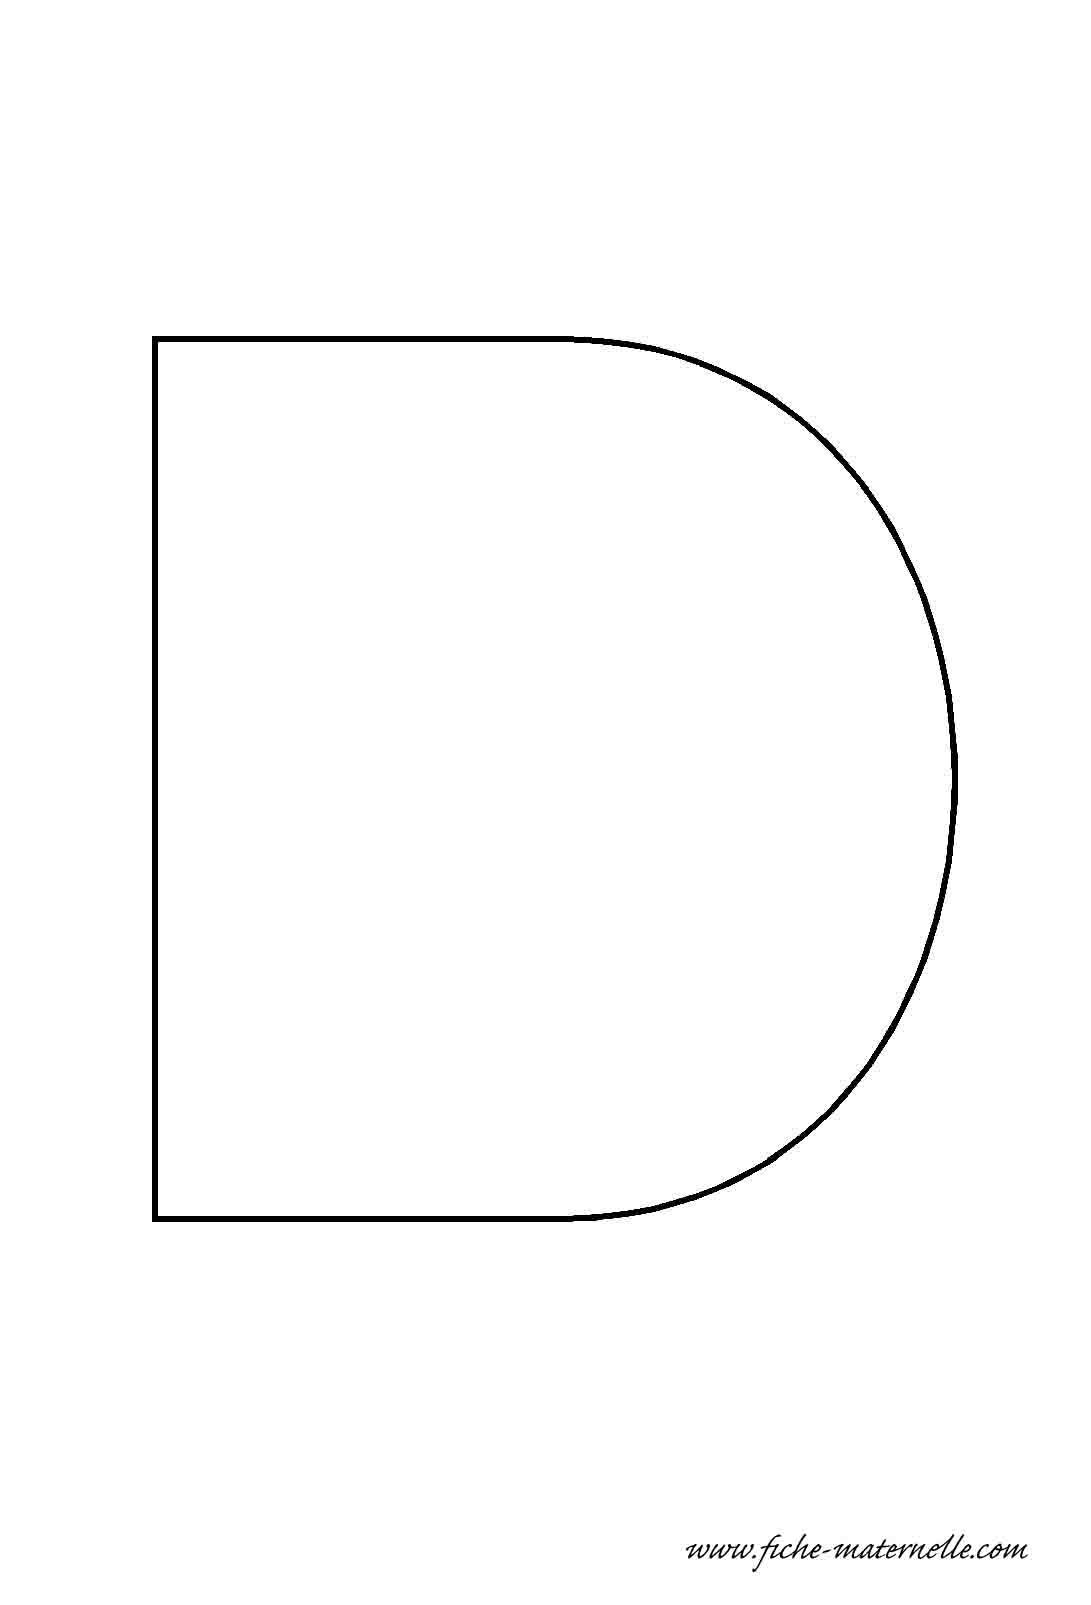 Lettre de l 39 alphabet d corer la lettre capitale d fil de fer - Lettres de l alphabet a decorer ...